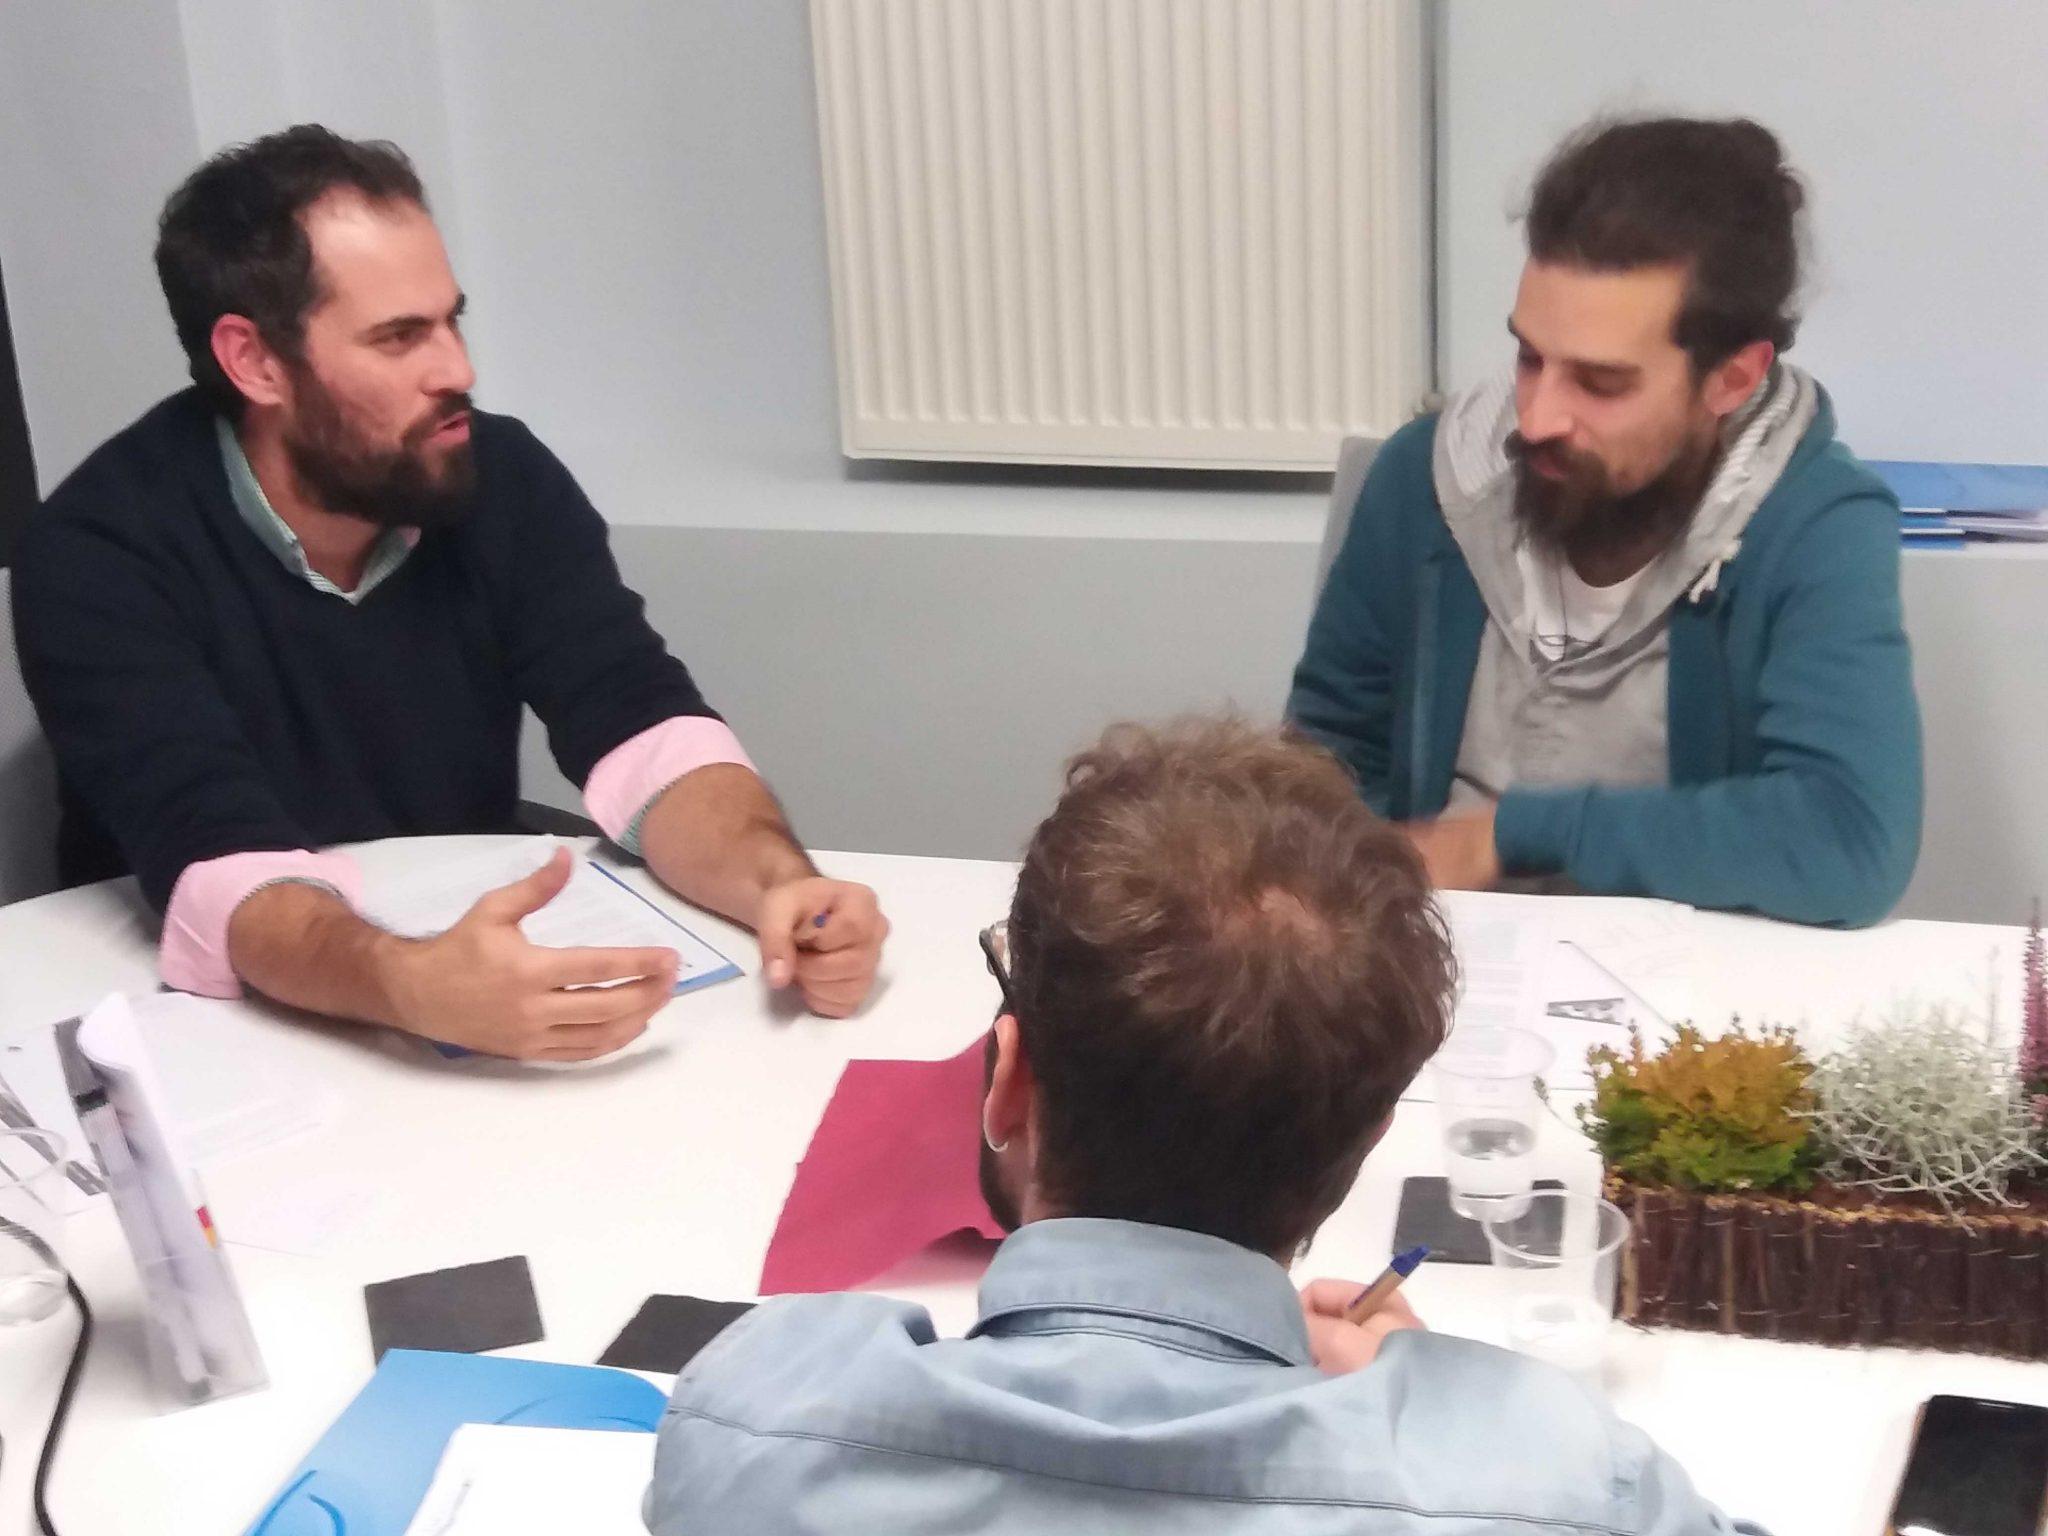 Entrepreneurship Course INTGEN 5